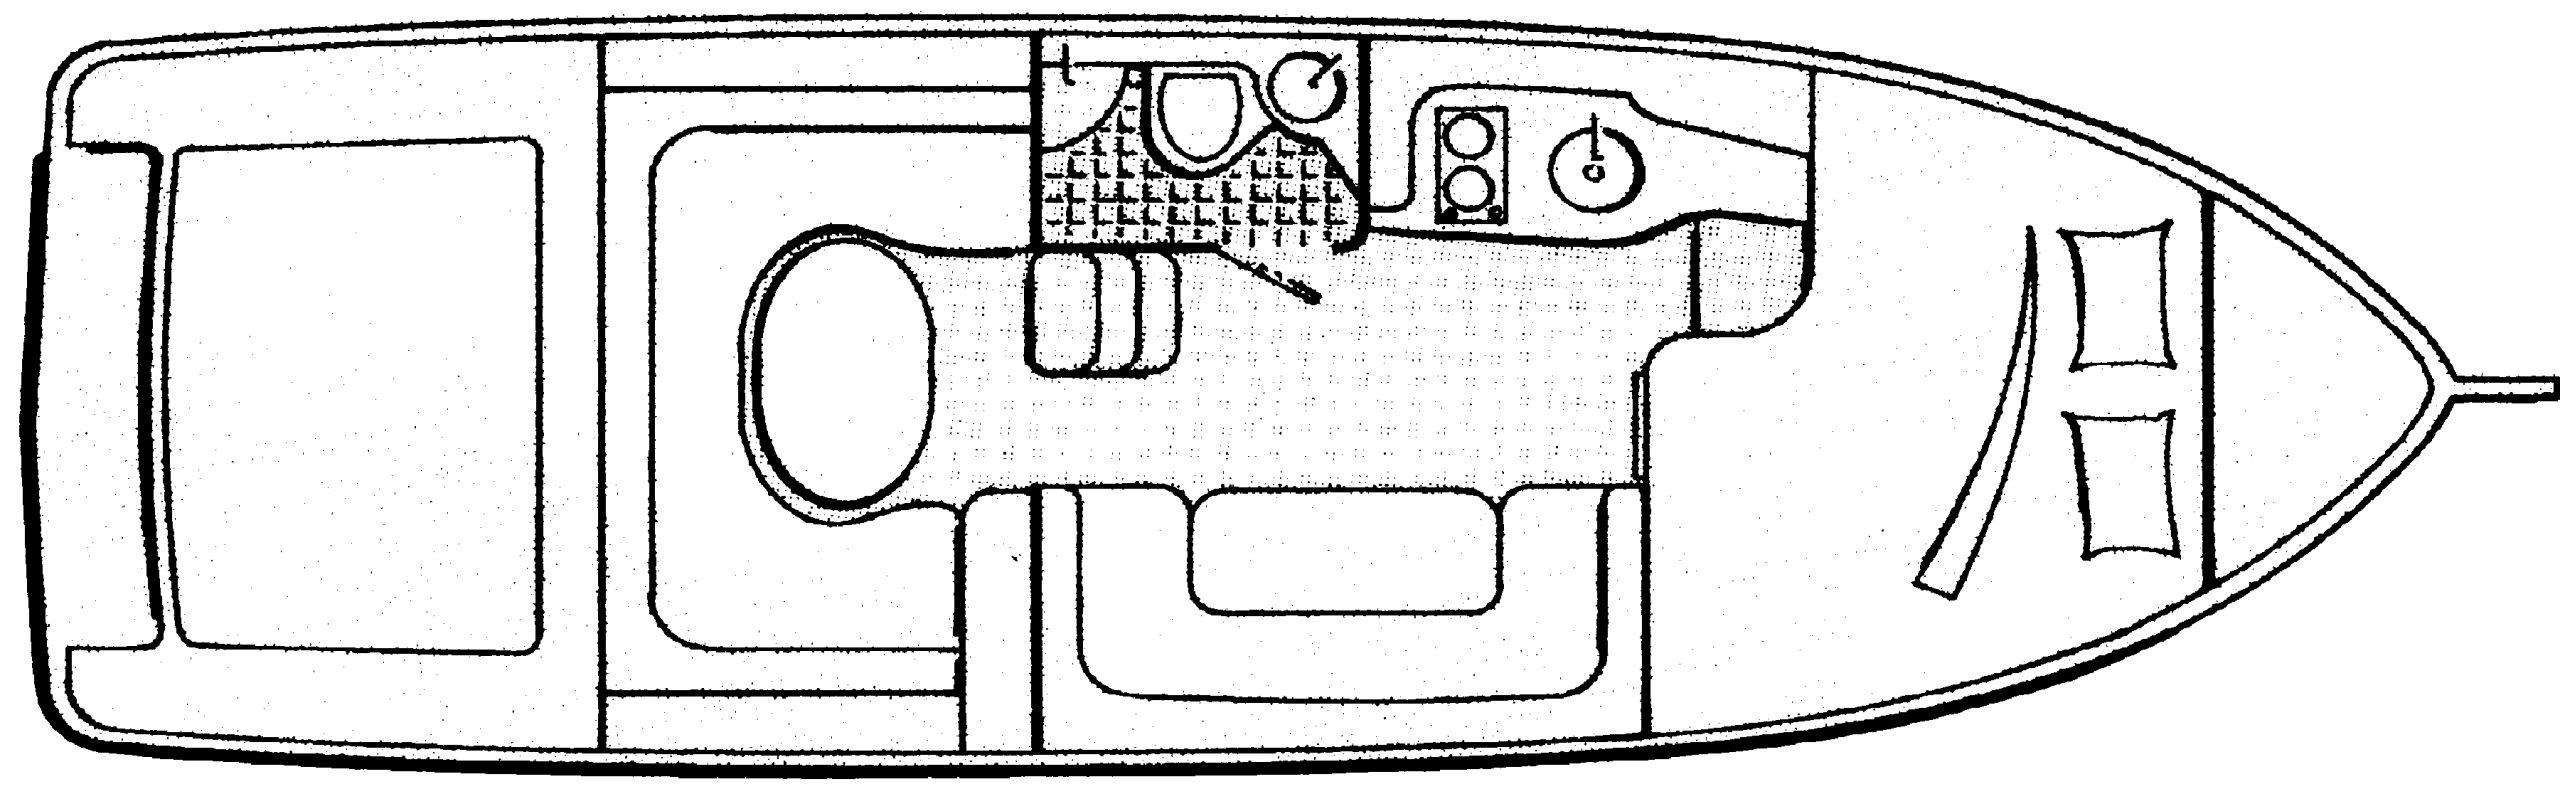 330-340-342 Fiesta Vee Floor Plan 2